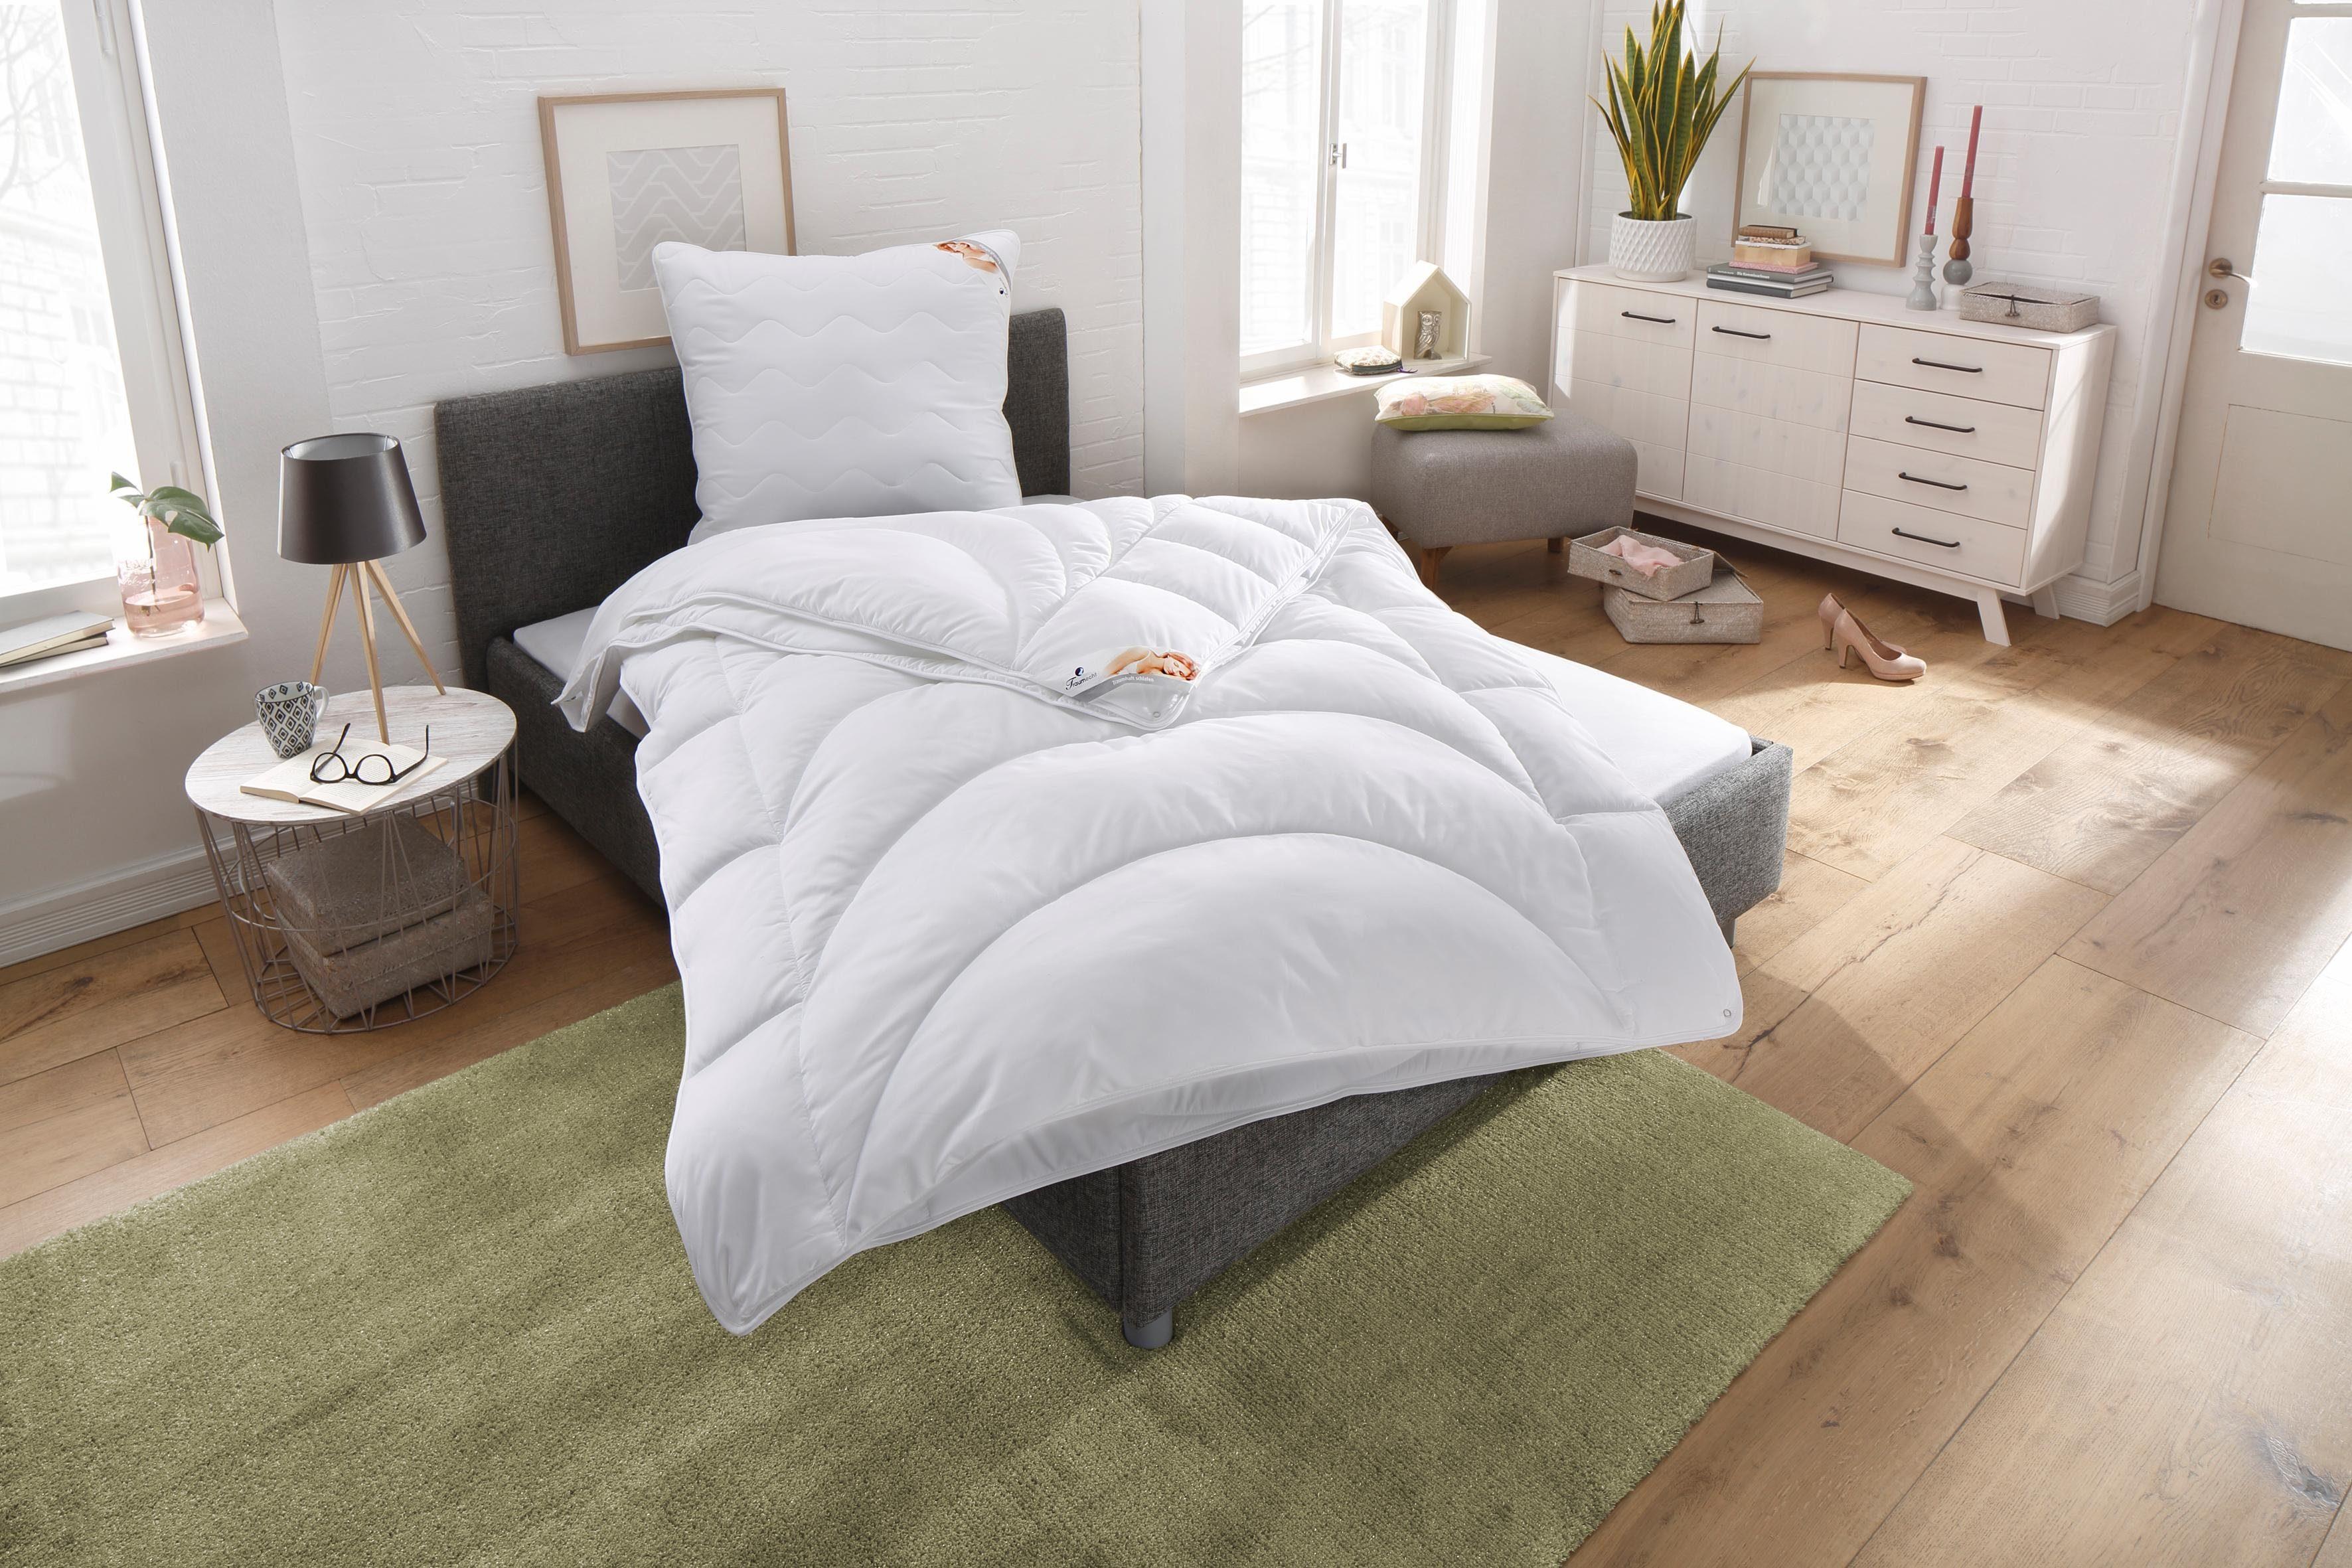 Bettdeckenset, »Microlux Baumwolle«, Traumecht, 4-Jahreszeiten, Kochfest 95°C